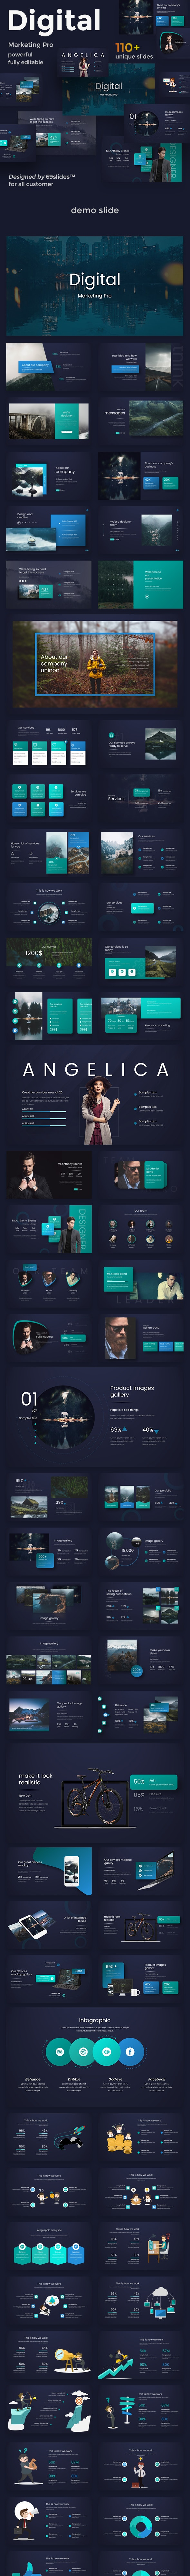 Digital Marketing Pro Design Google Slide Template - Google Slides Presentation Templates